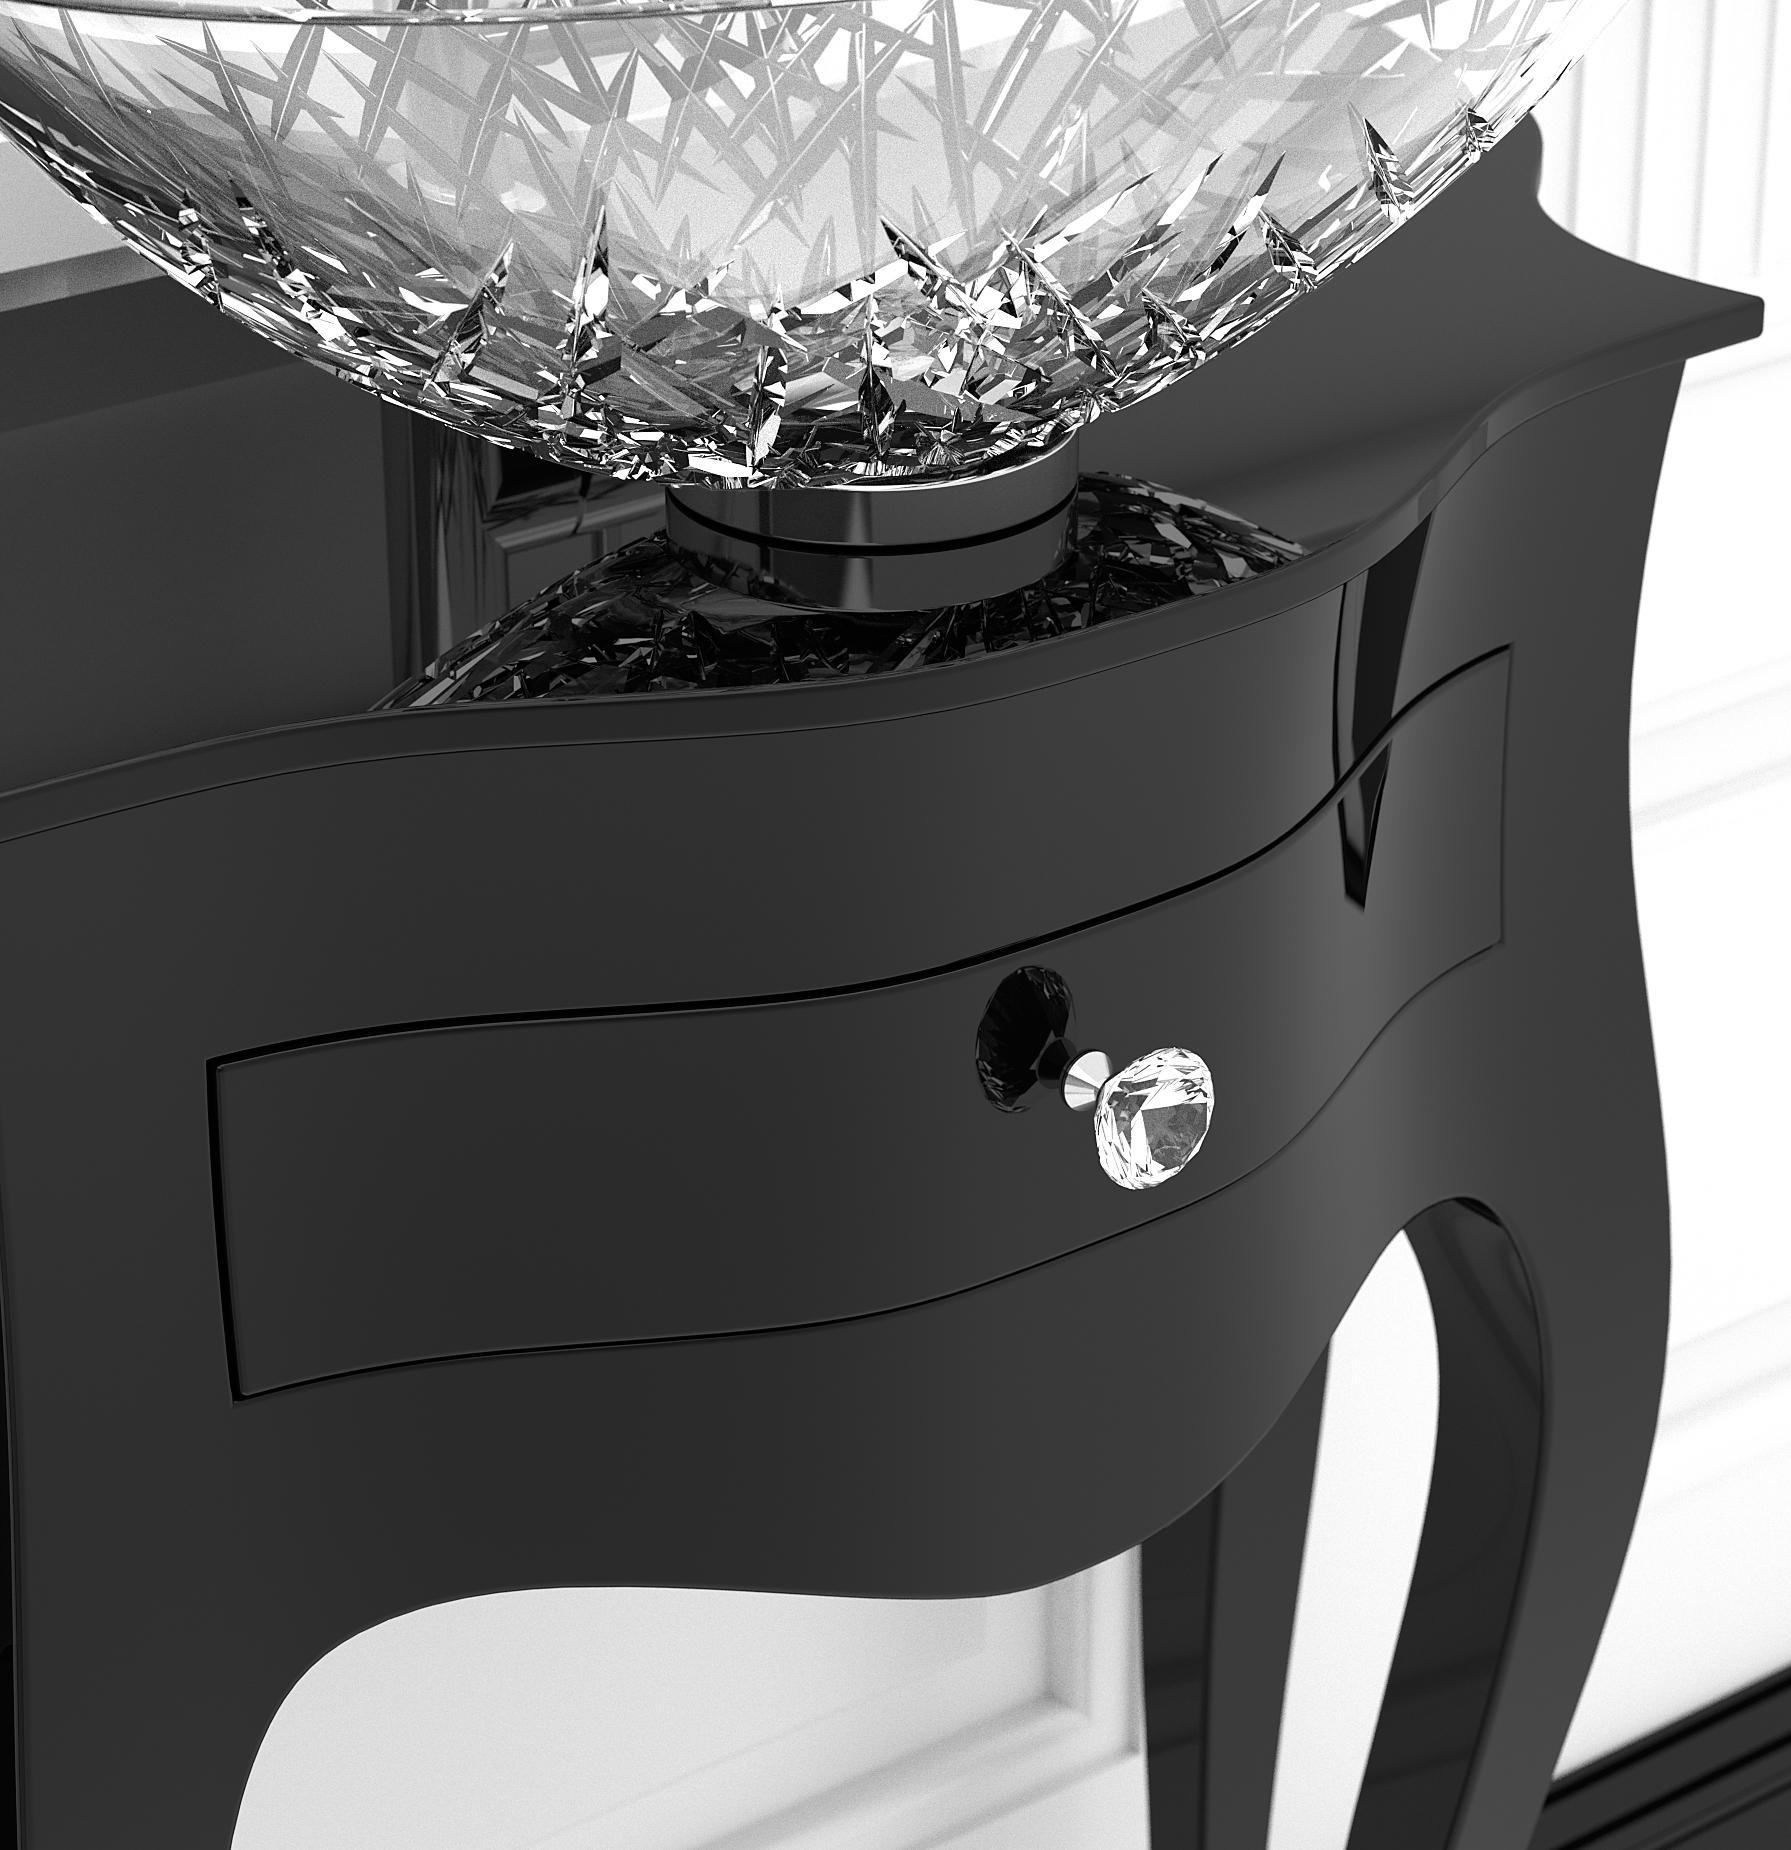 Canto Small Mobili Lavabo Glass Design Architonic